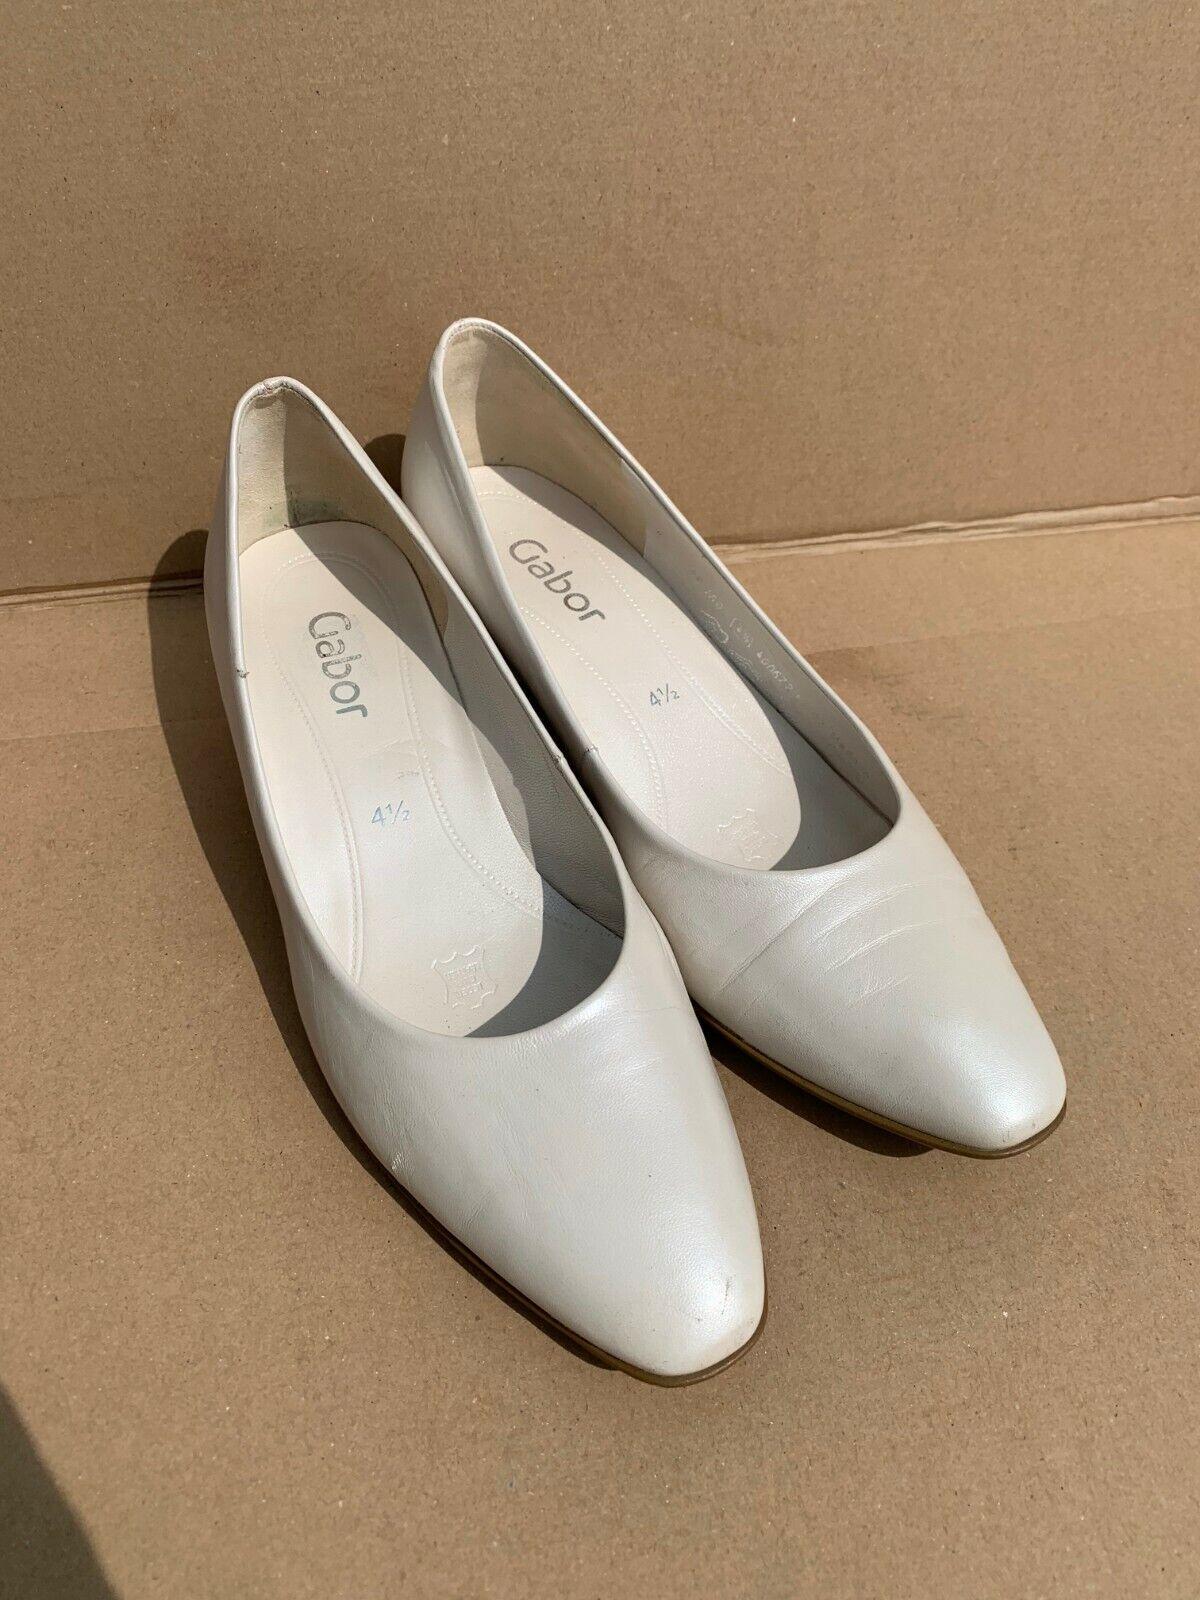 Gabor Pumps Hochzeit Schuhe in Gr. 37,5 (4,5) offwhite